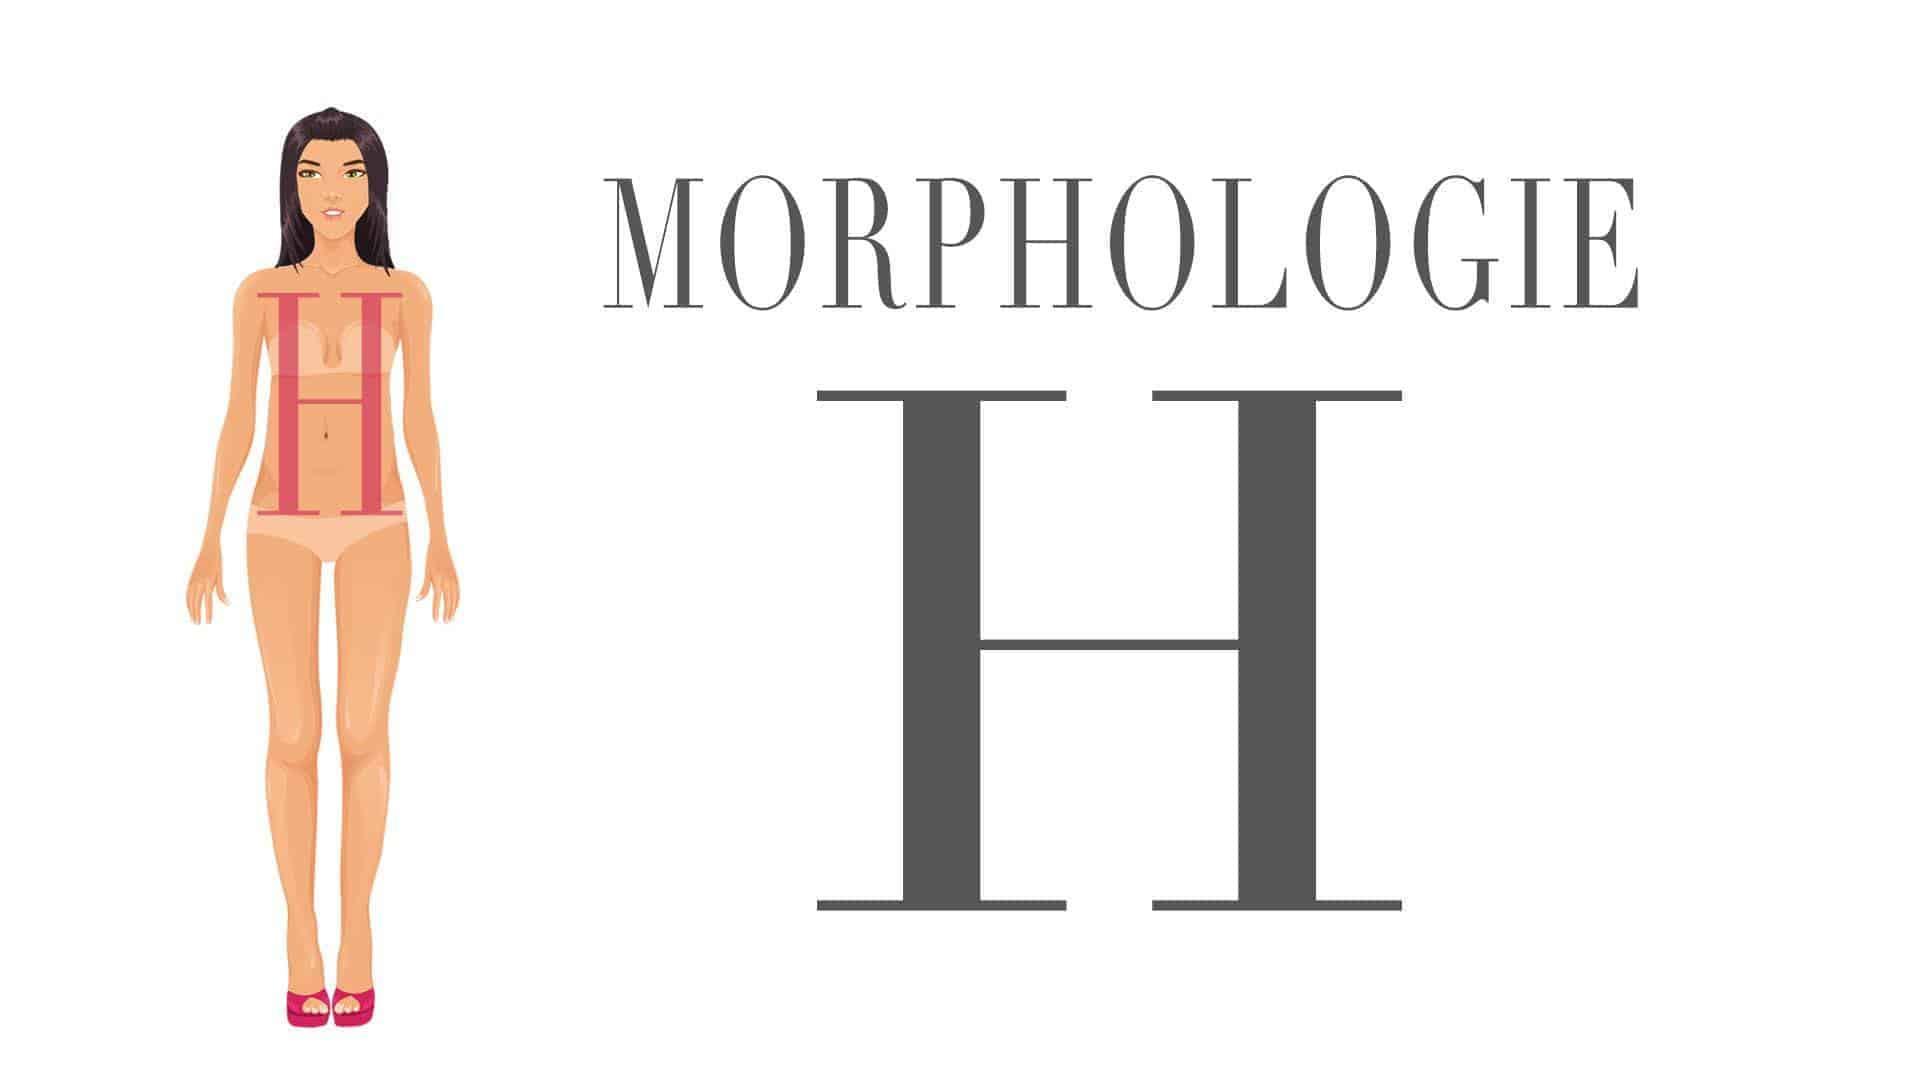 morphologie en h, morphologie h, morphologie rectangle, petite poitrine, femme h, comment s'habiller morphologie h, s'habiller selon sa morphologie, morfo, morpho